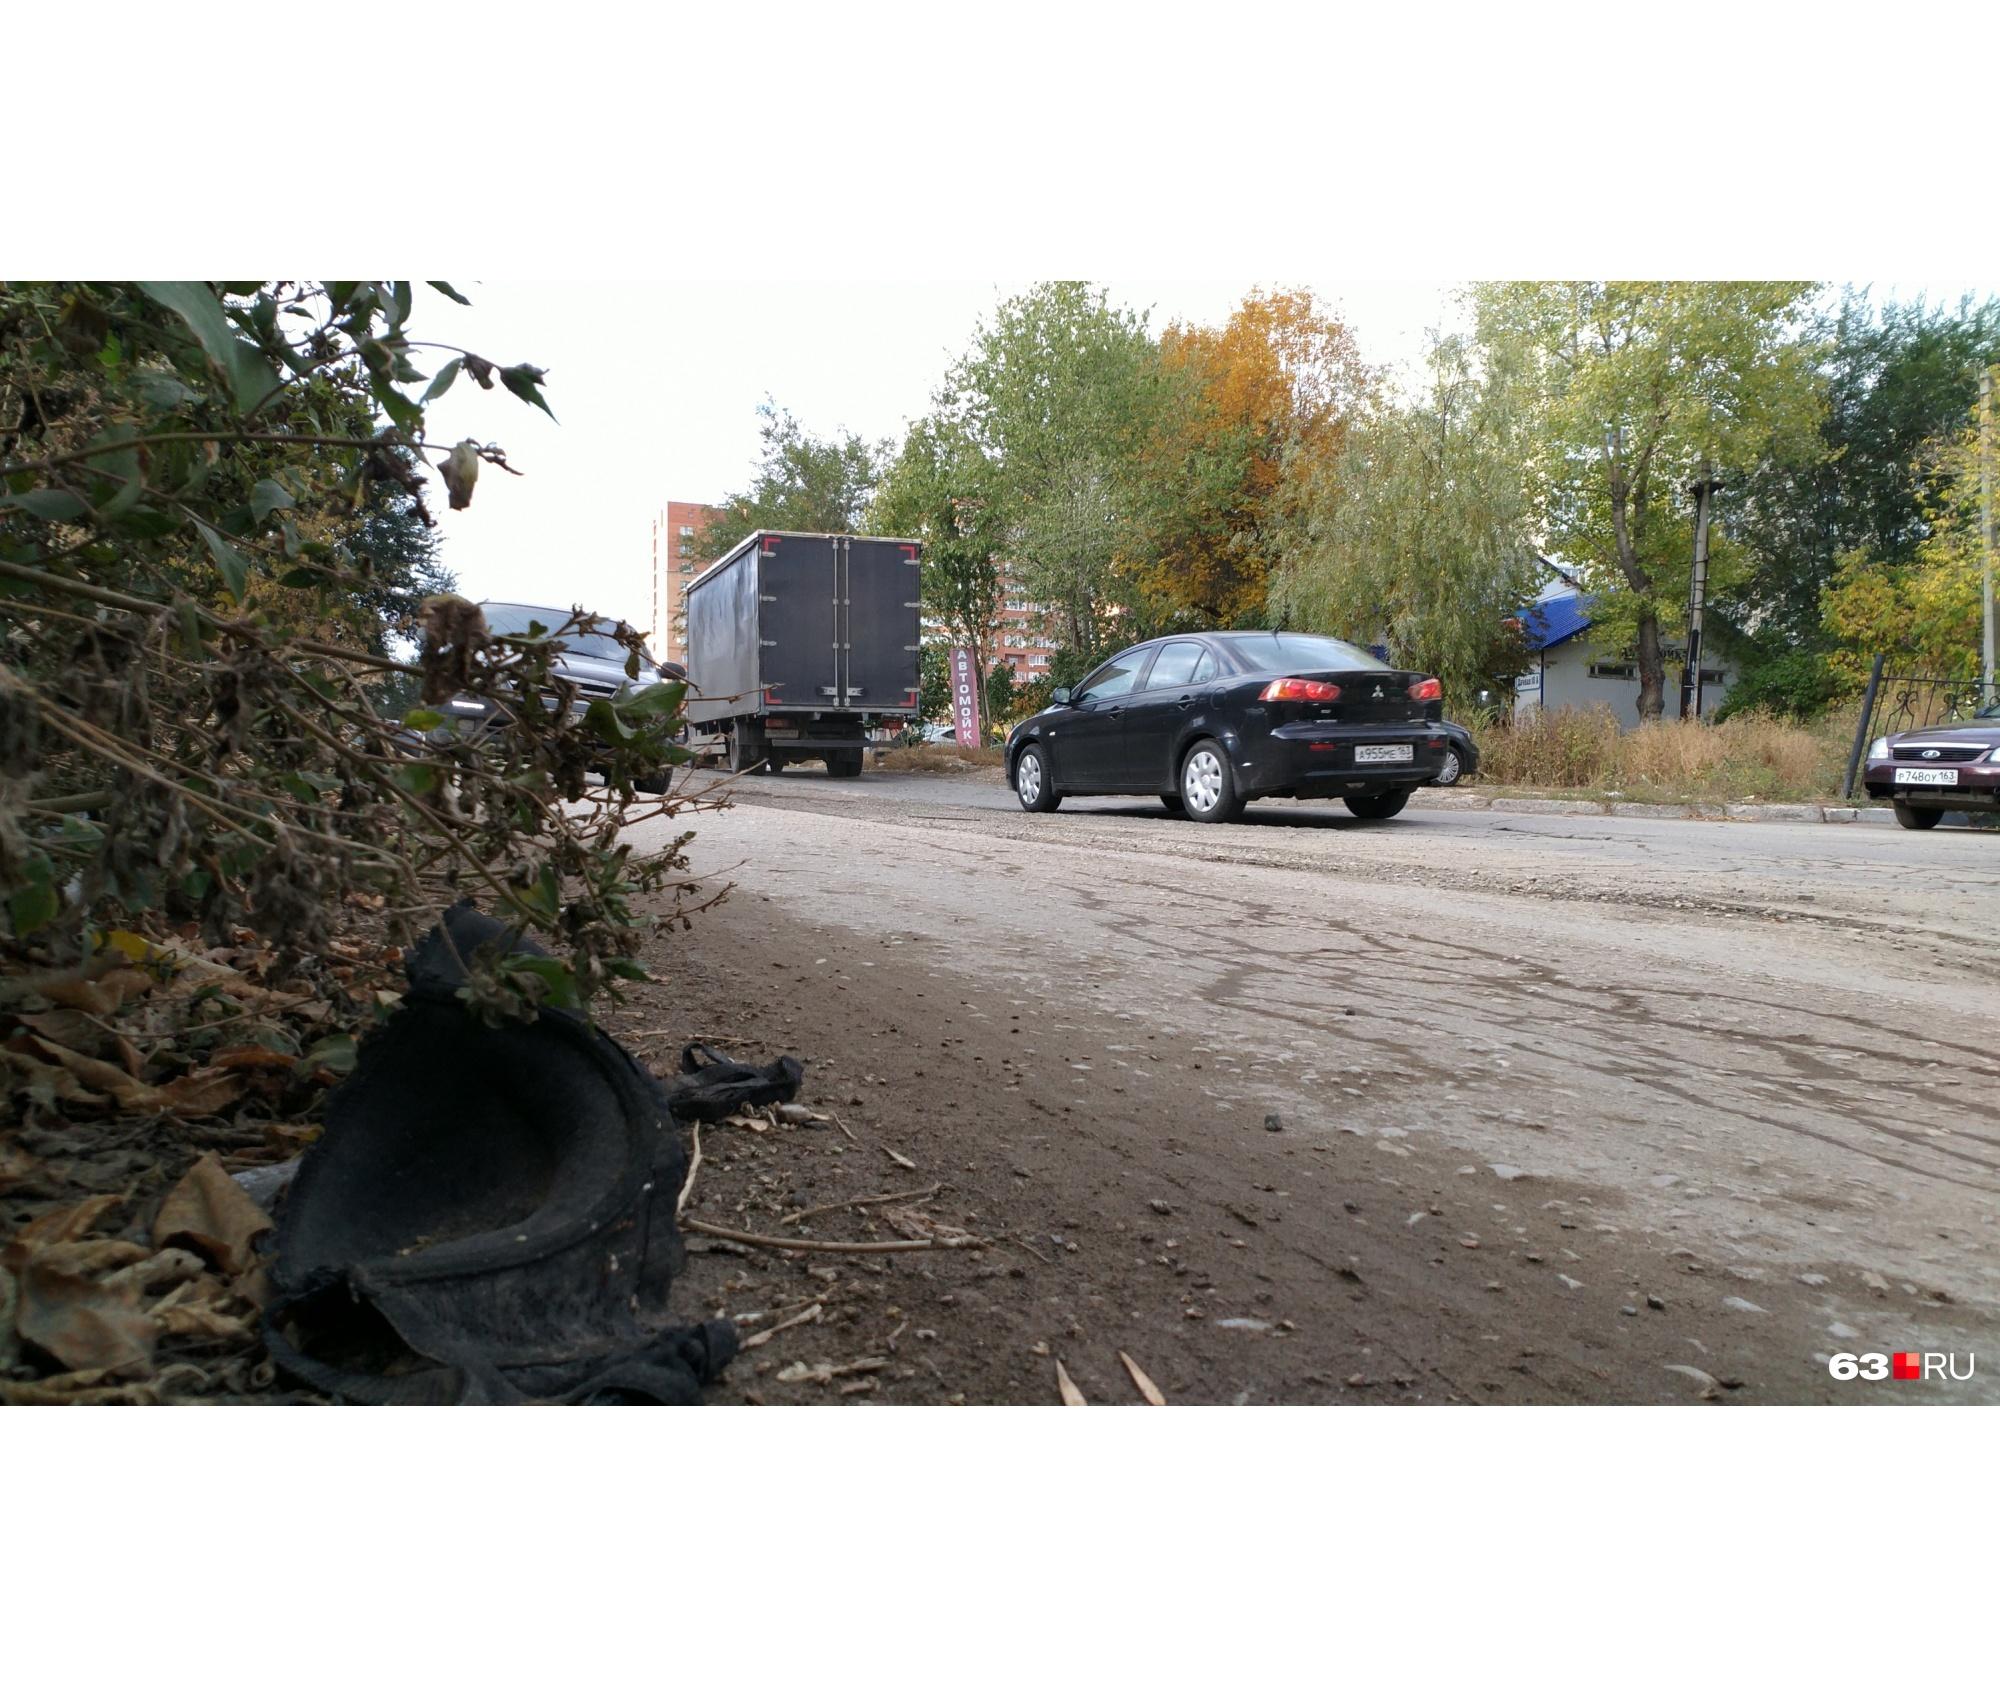 В ожидании ремонта остатки дороги, по всей видимости, полностью разрушатся